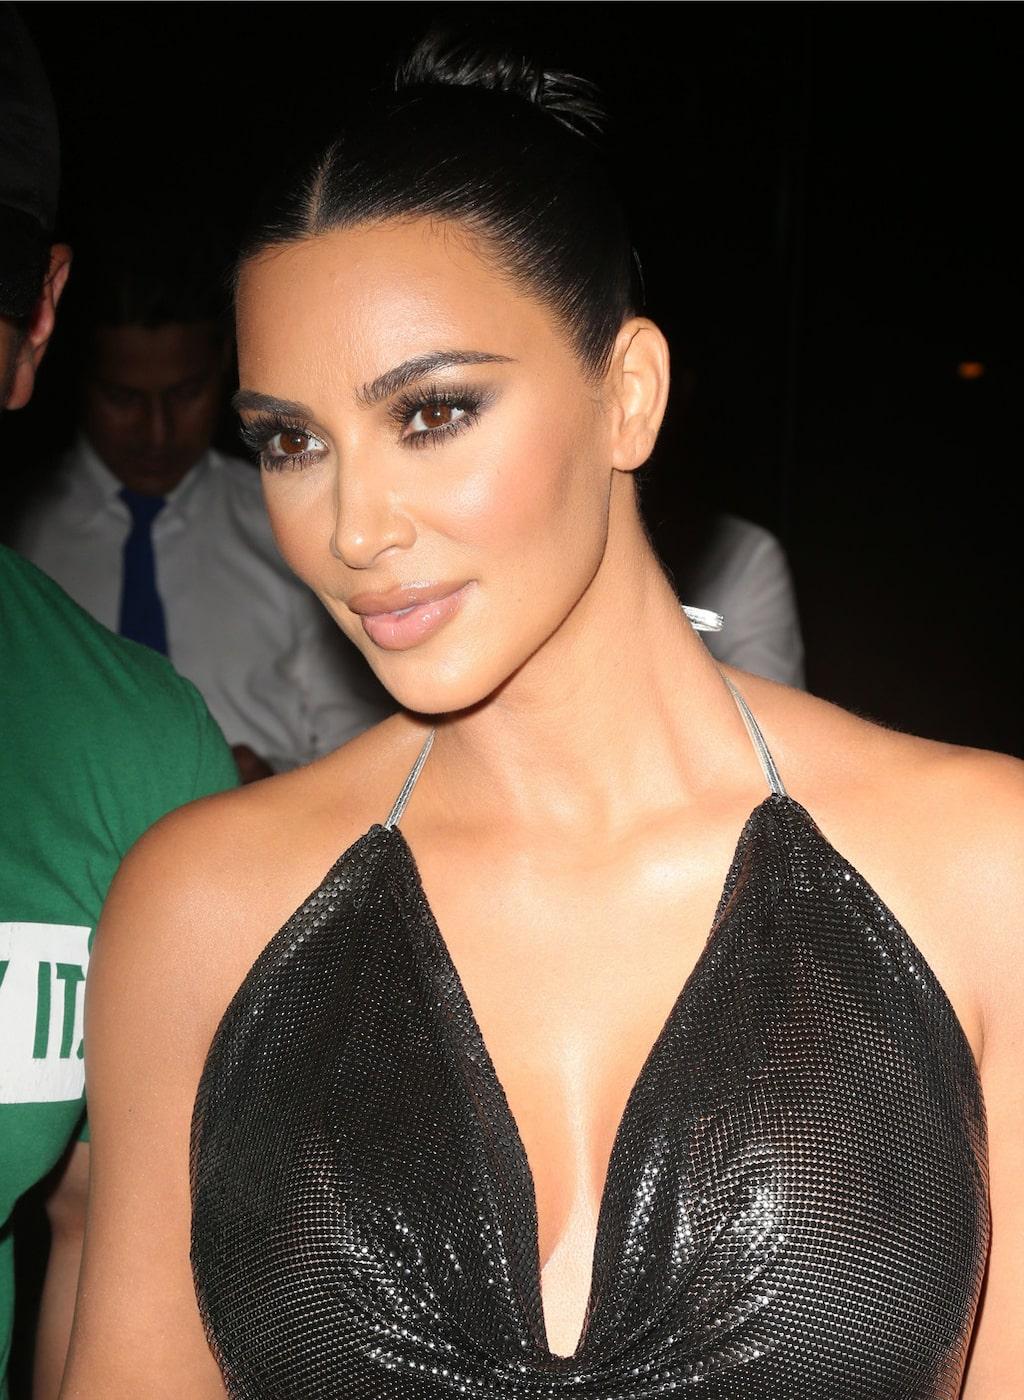 """I ett avsnitt av """"Keeping up with the Kardashians"""" avslöjades det att Kim Kardashian bär på antikroppar mot SLE/lupus."""